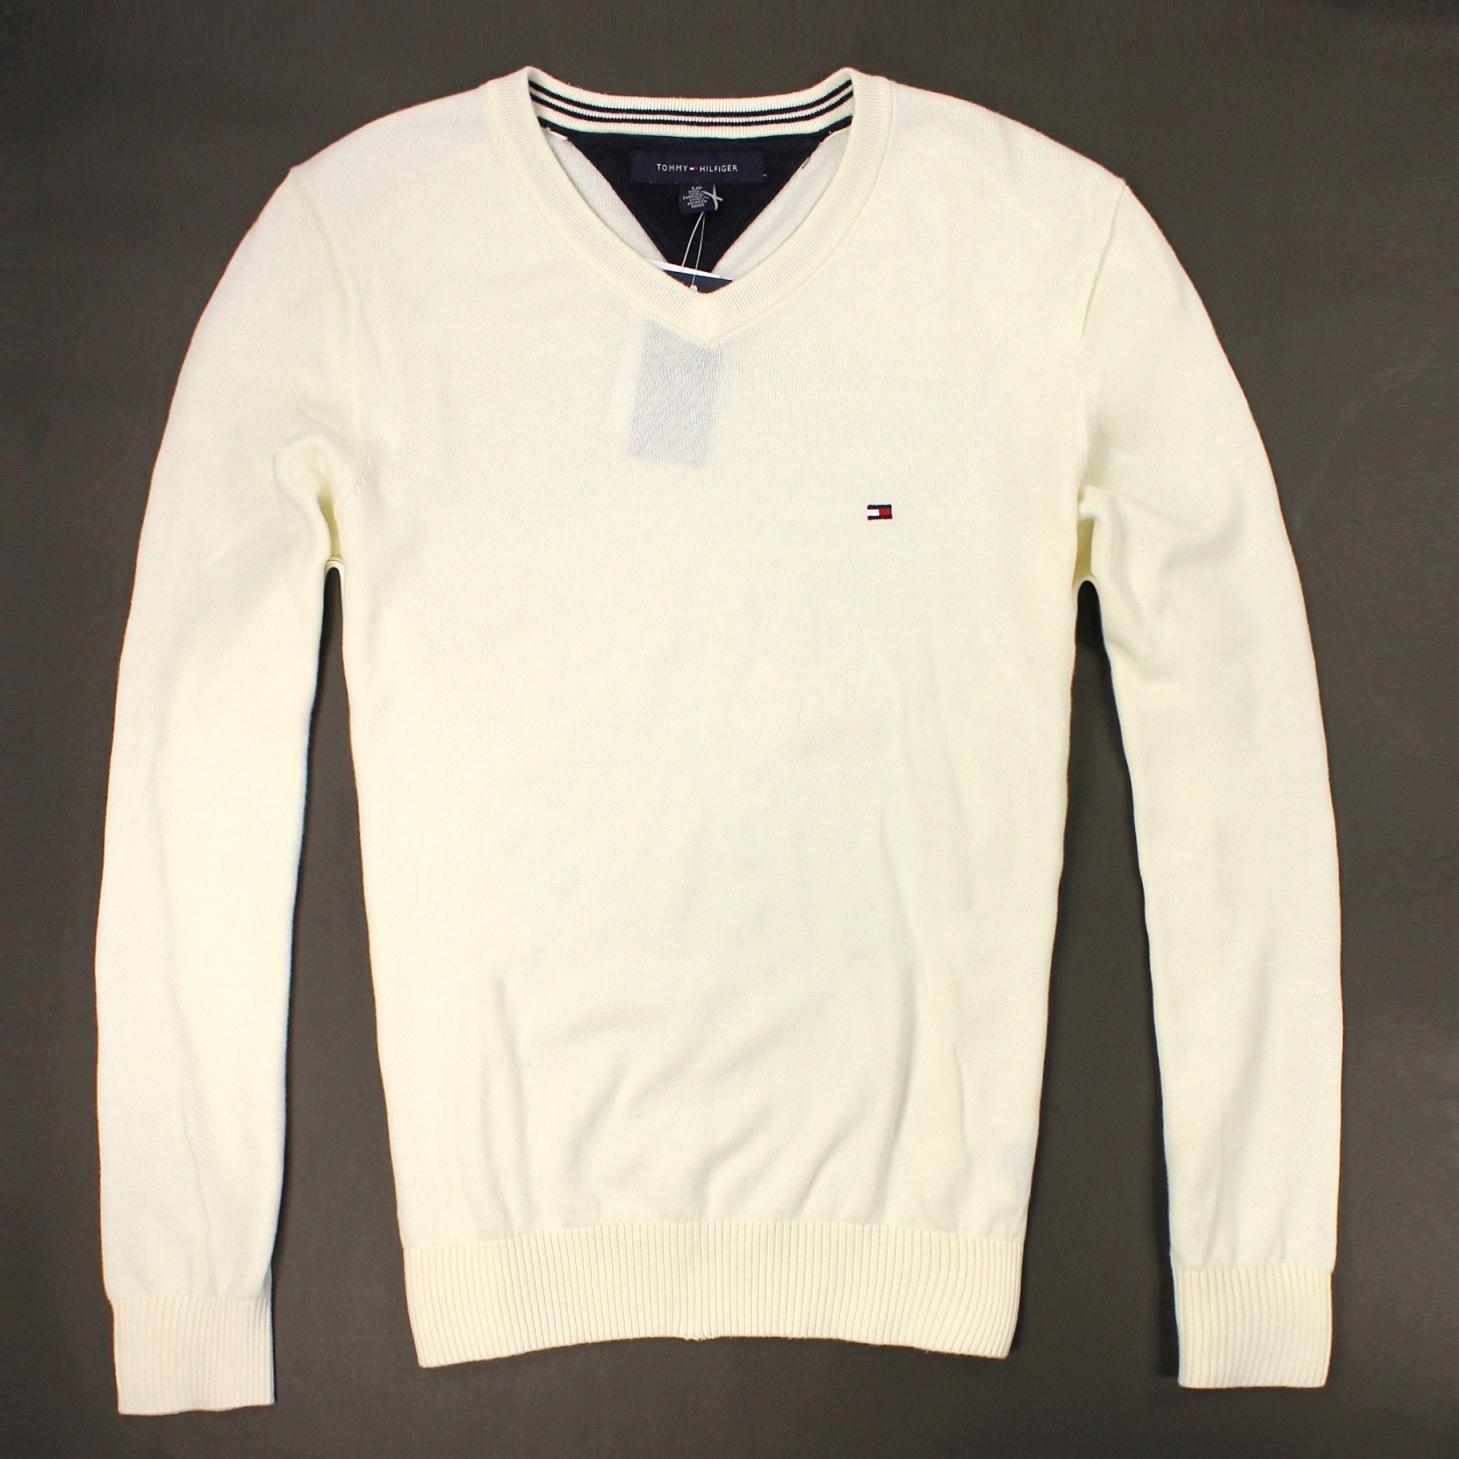 美國百分百【全新真品】Tommy Hilfiger 針織衫 TH 線衫 V領 素面 純棉 毛衣 男衣 白 S M L號 B606